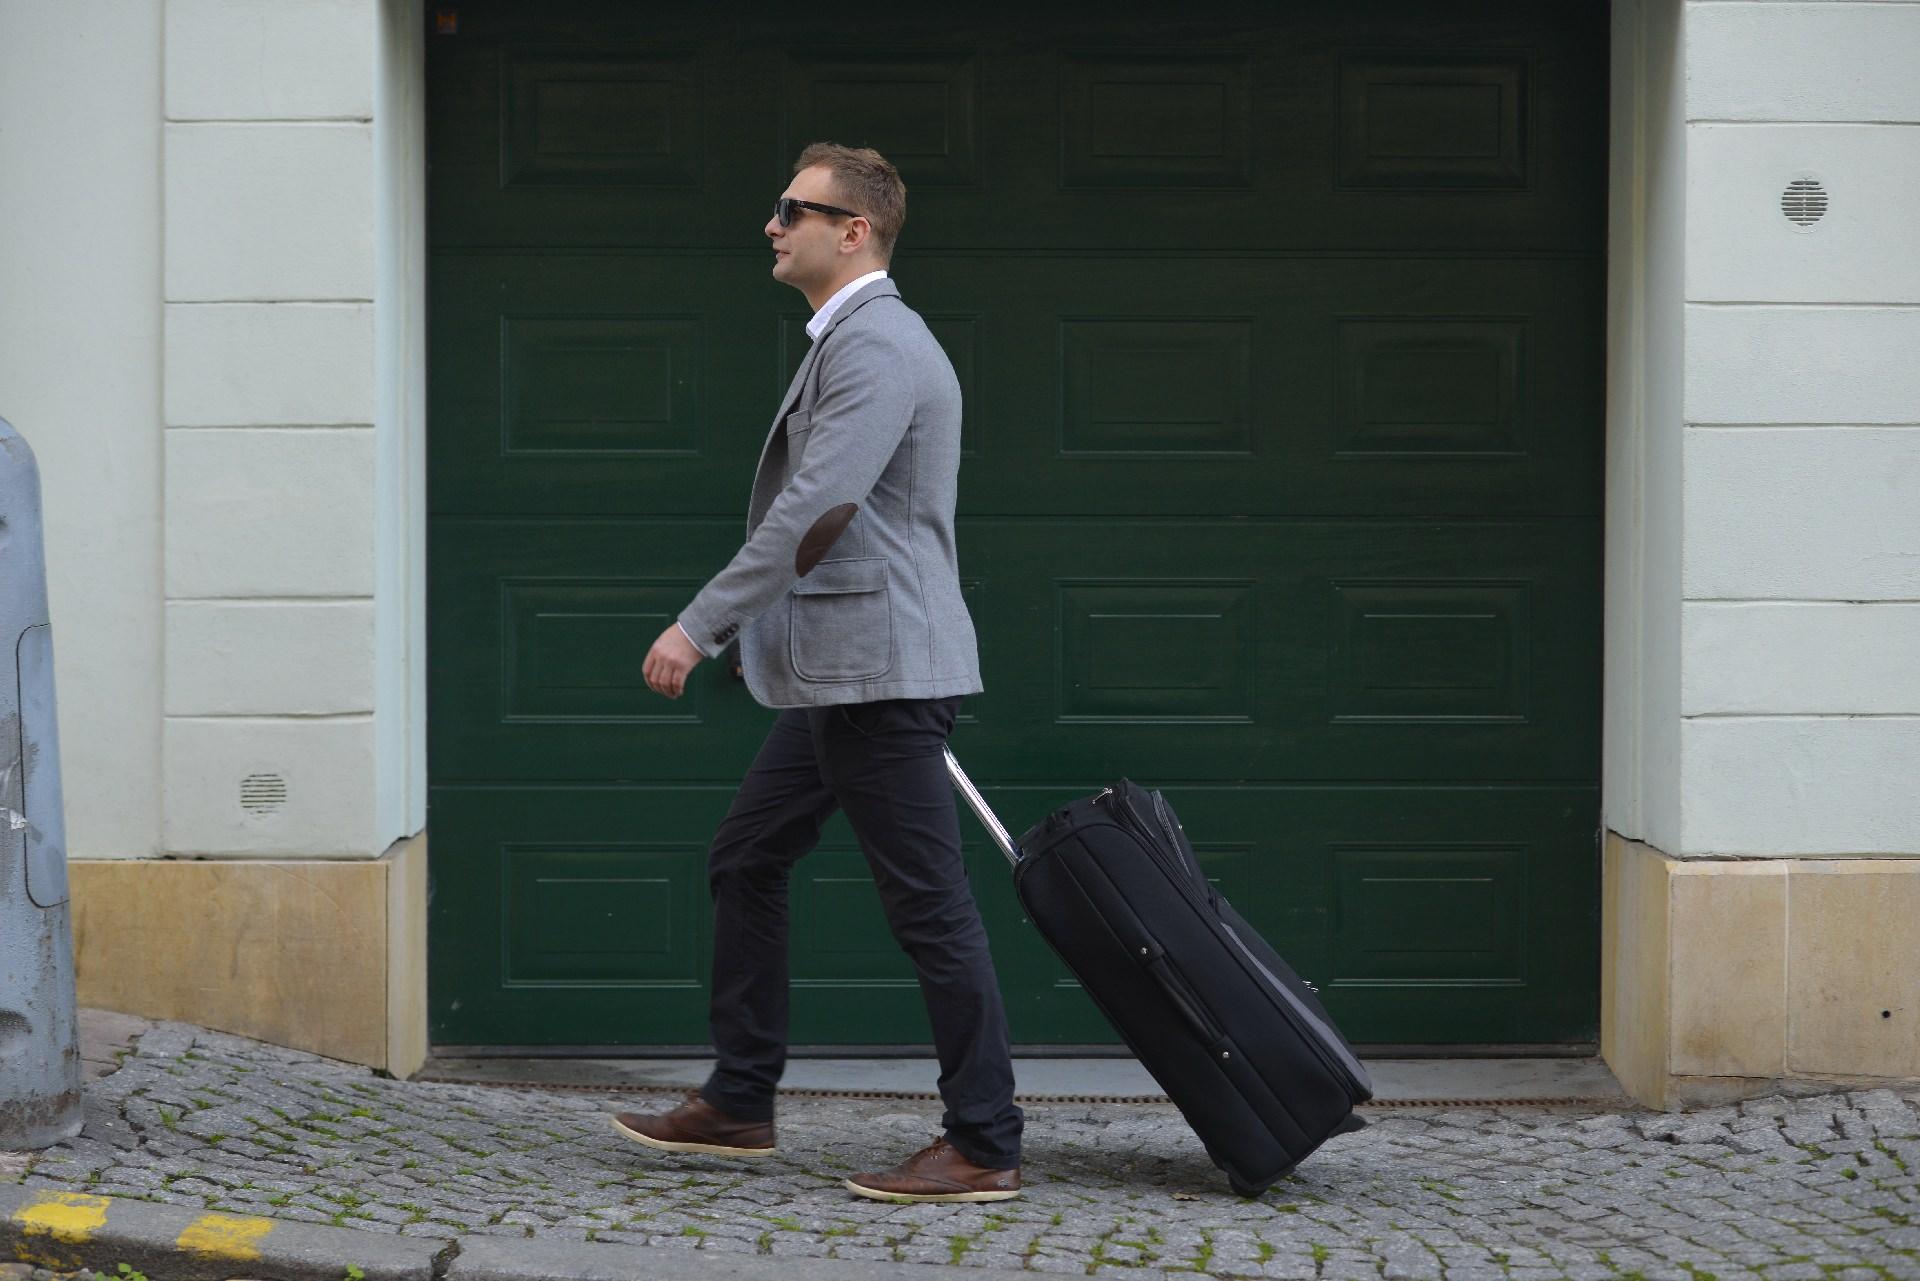 おすすめのスーツケース・キャリーバッグブランド8選と選び方!低価格から本格派まで人気メーカーを厳選!